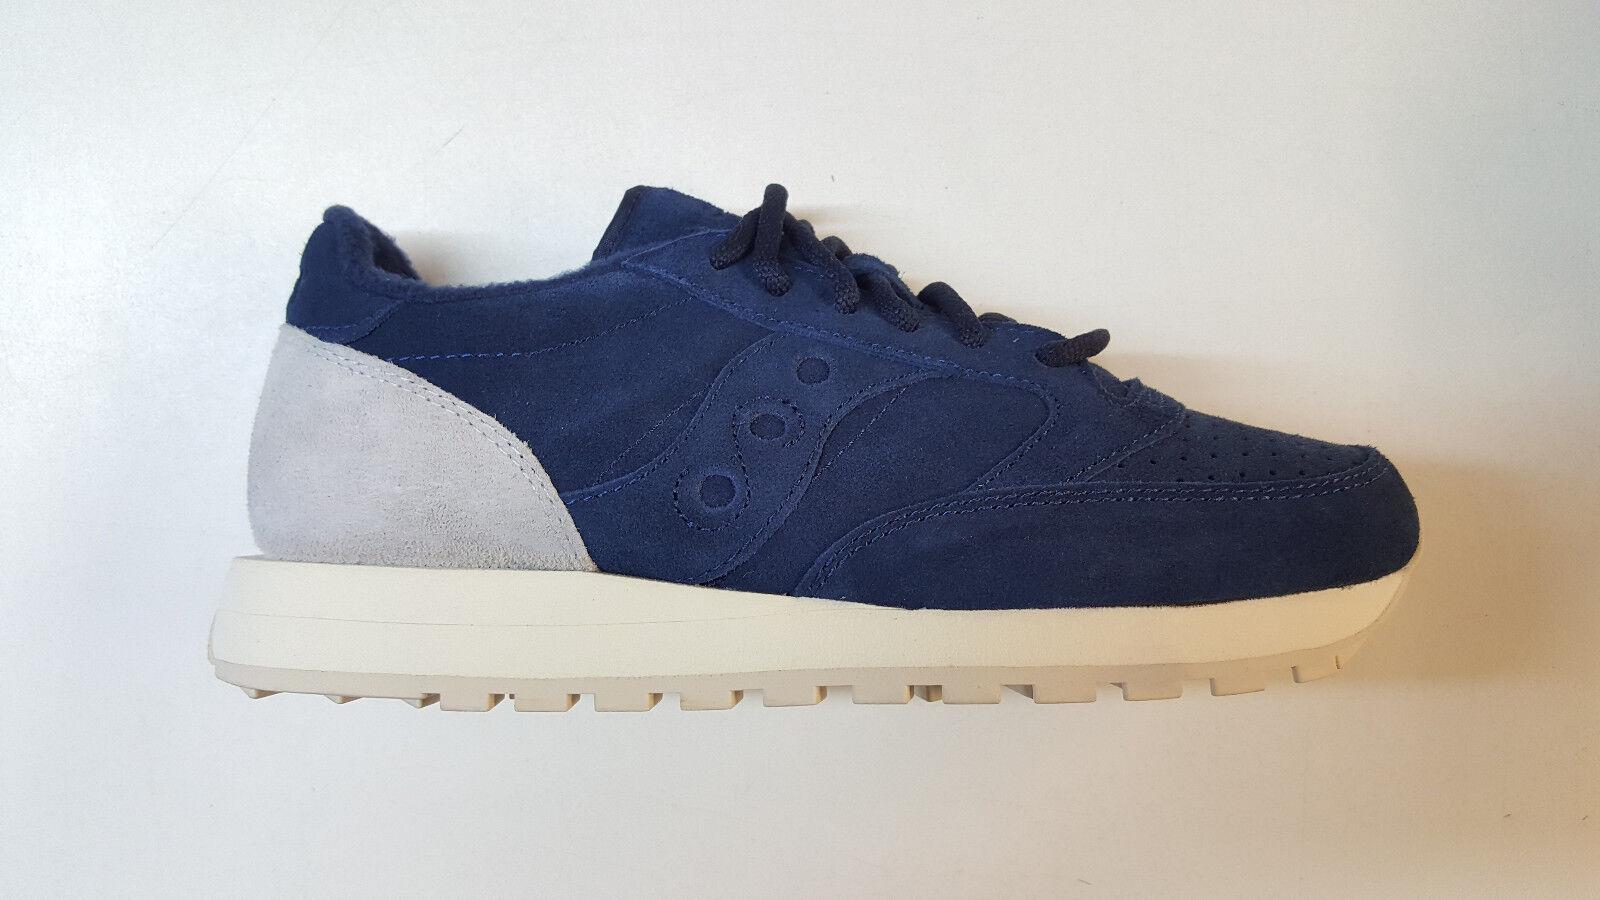 SAUCONY JAZZ Original Paquete de jardín de Boston Azul Marino gris Zapatillas para hombre Talla S70246-4